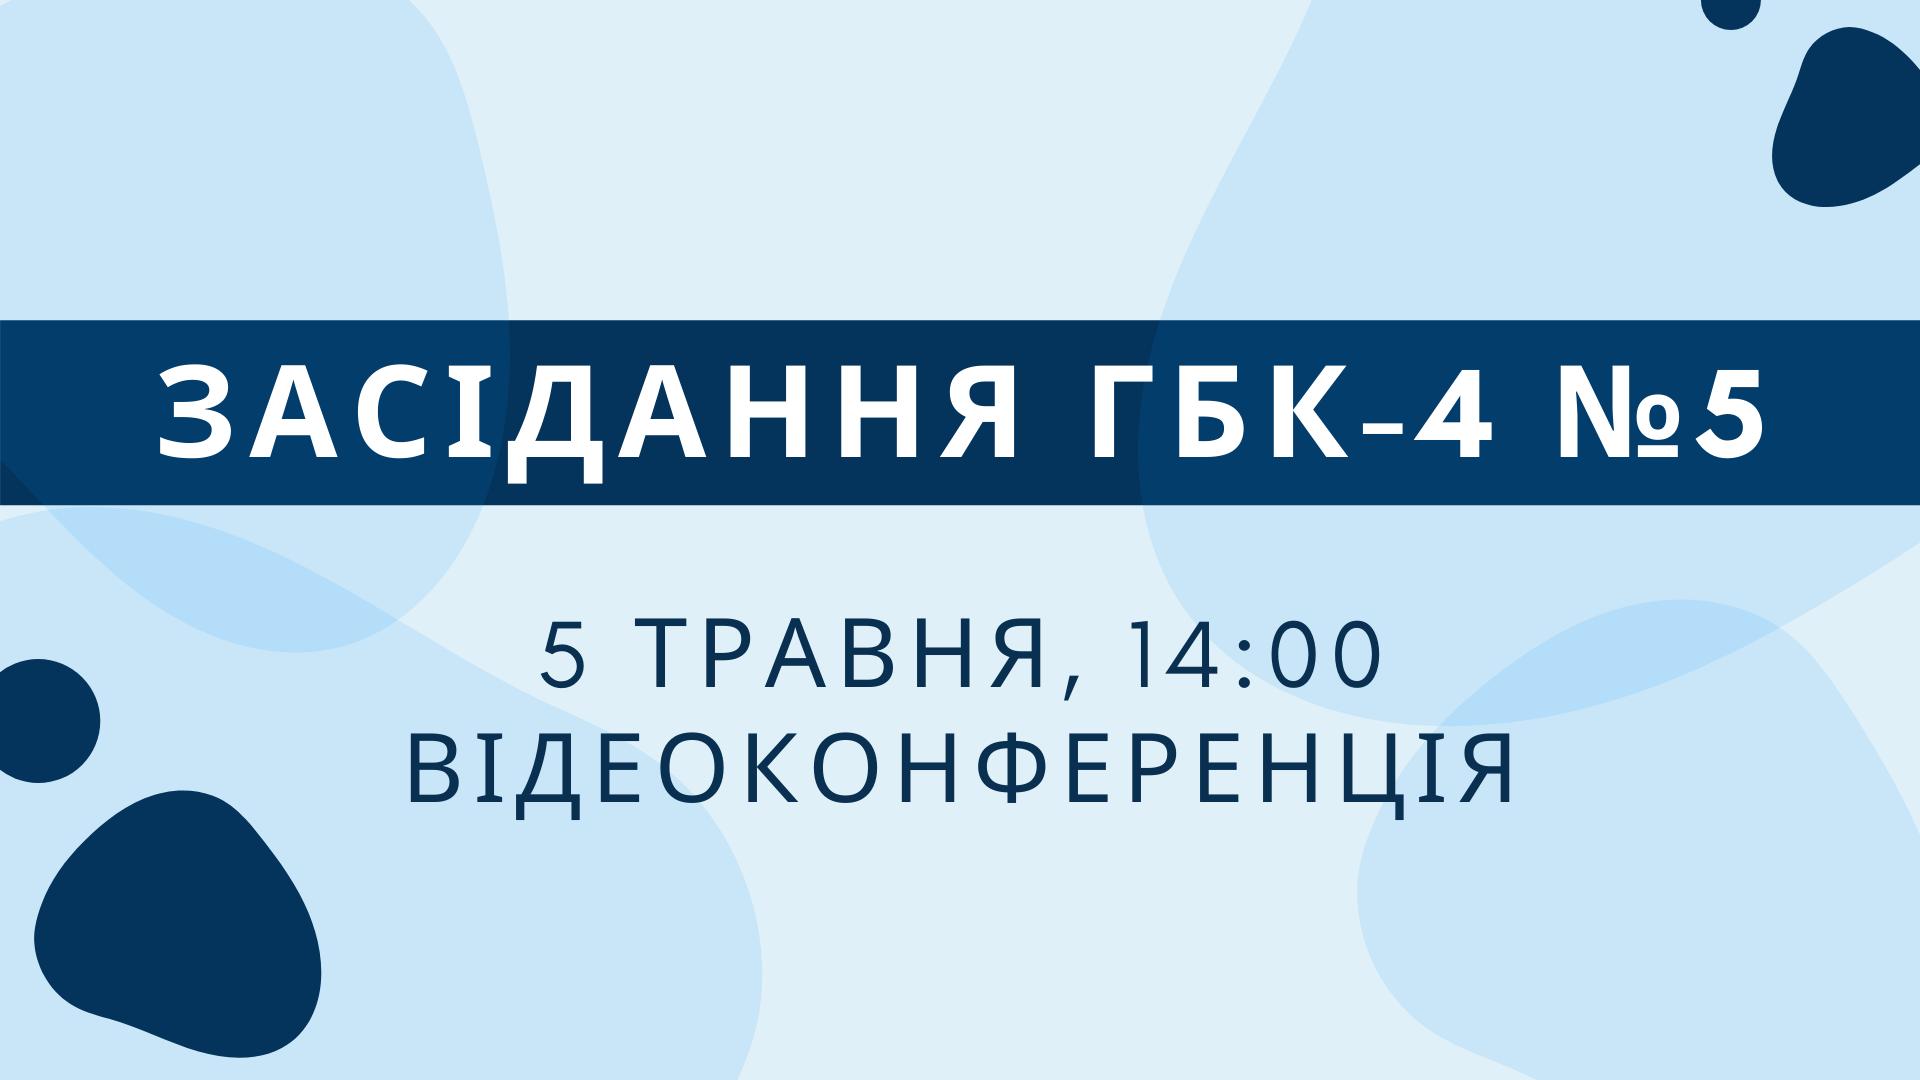 5 травня відбудеться п'яте засідання ГБК-4